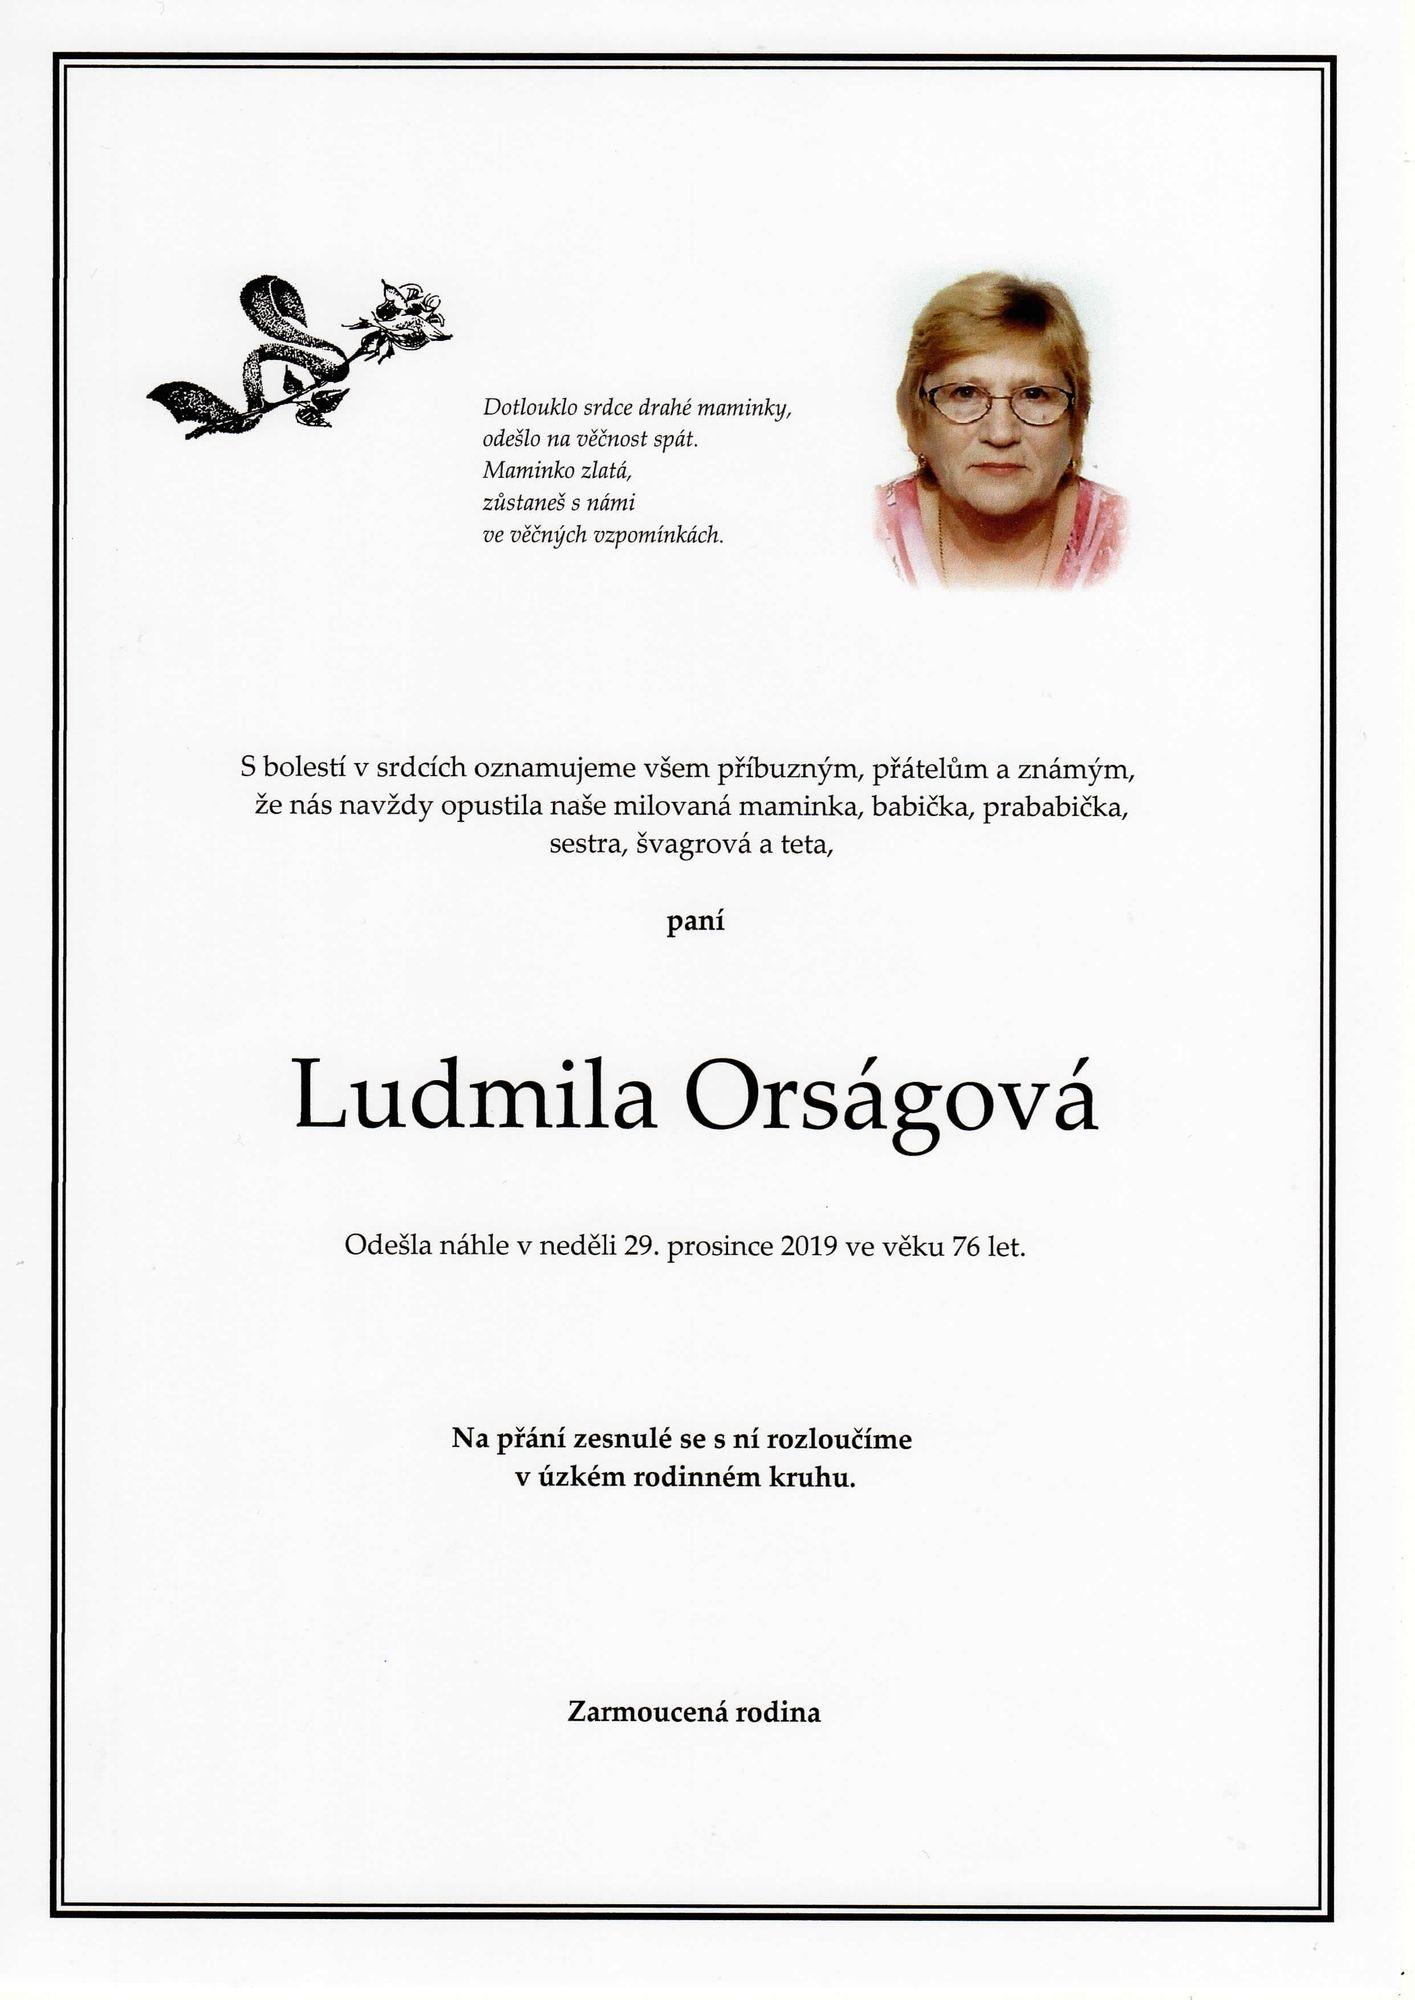 Ludmila Orságová